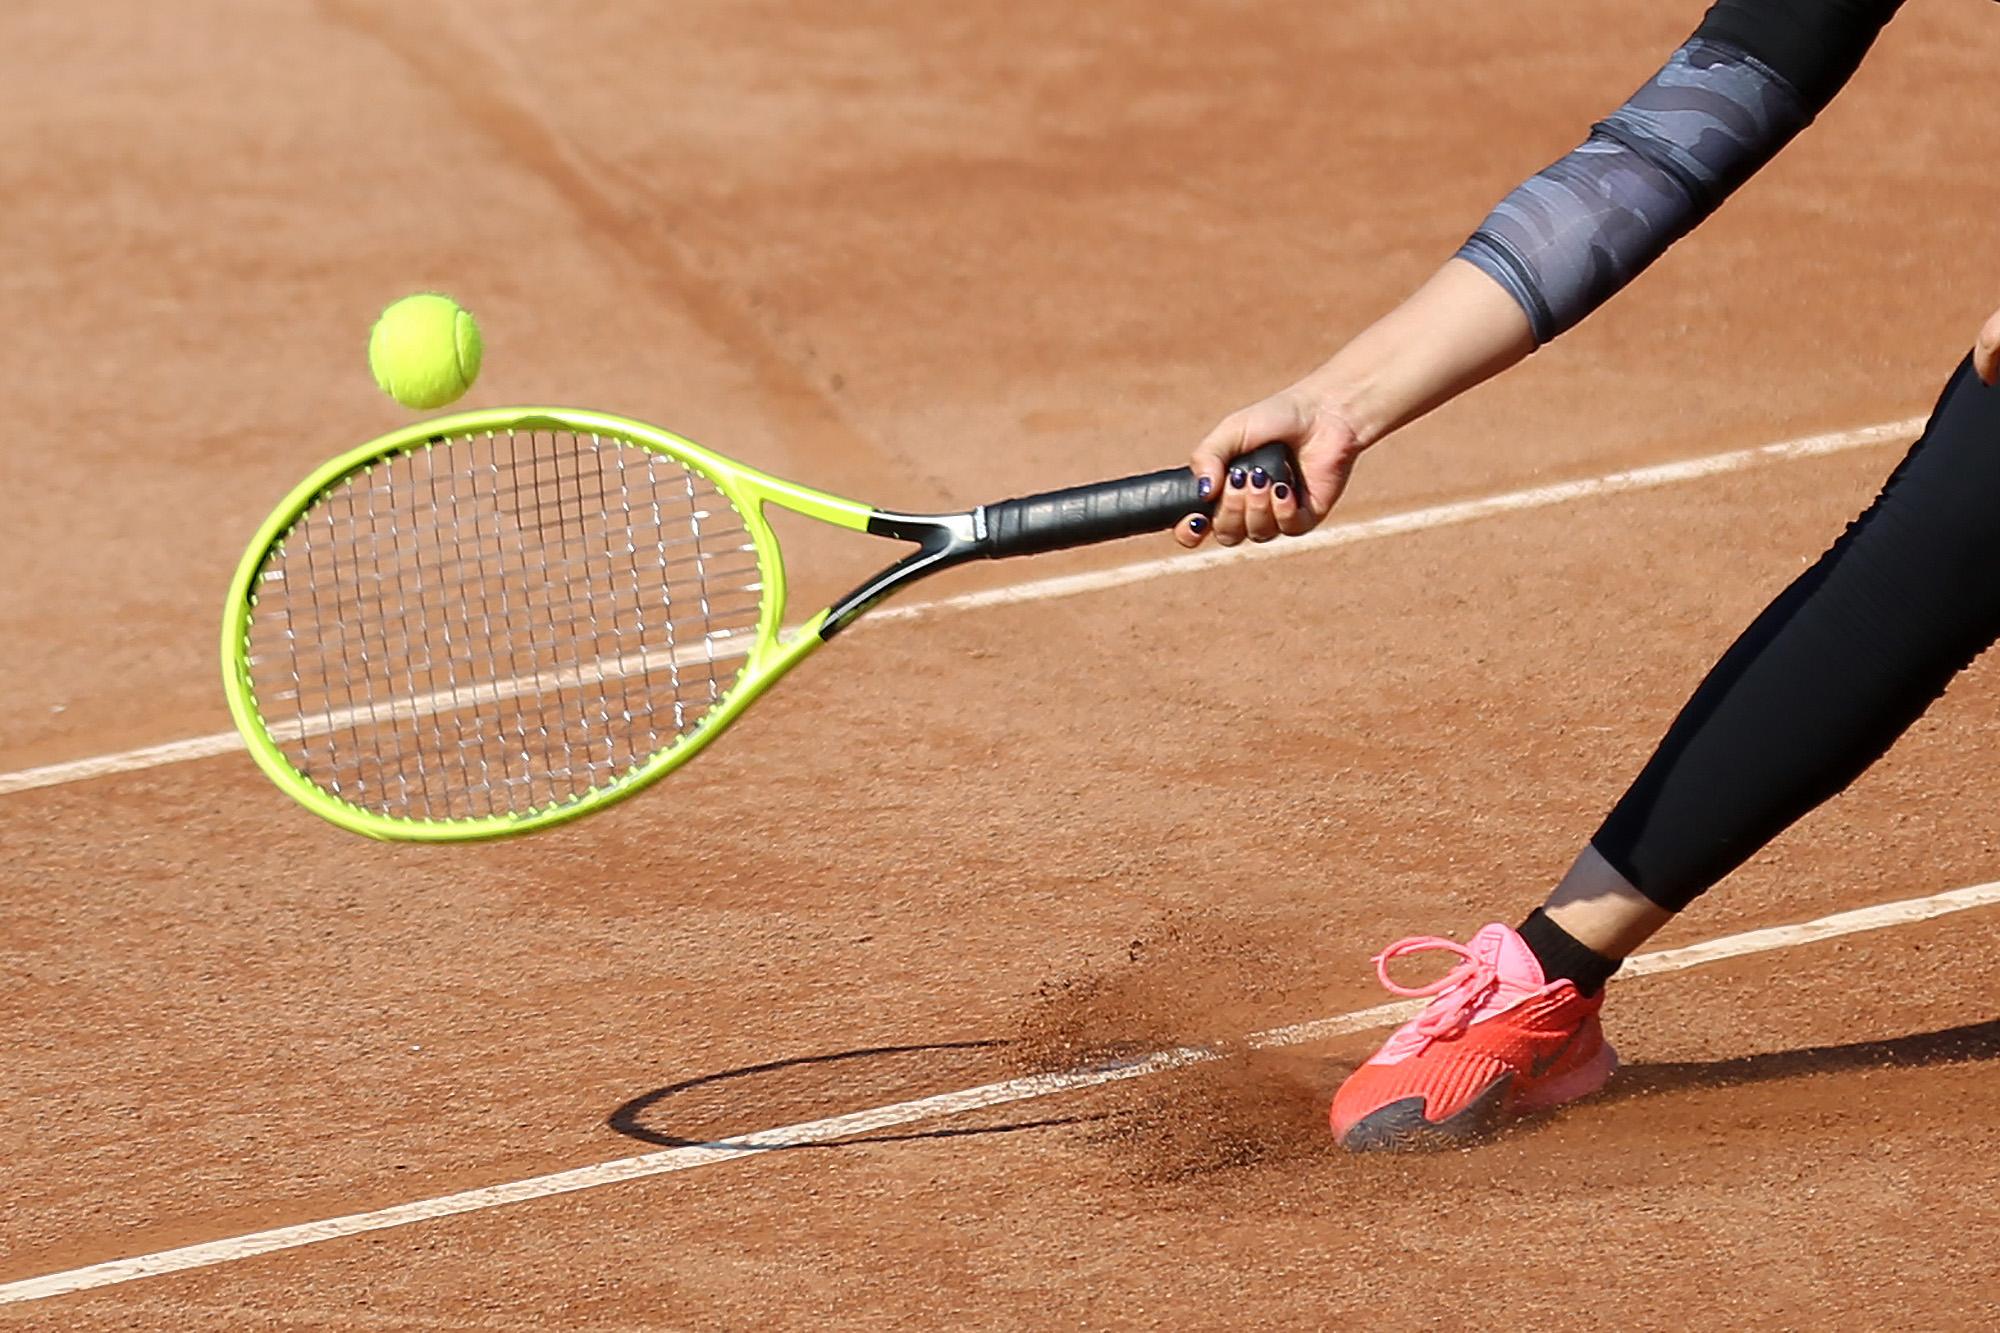 رقابت ۵۶ تنیسور در مسابقات بین المللی تنیس جوانان در کیش